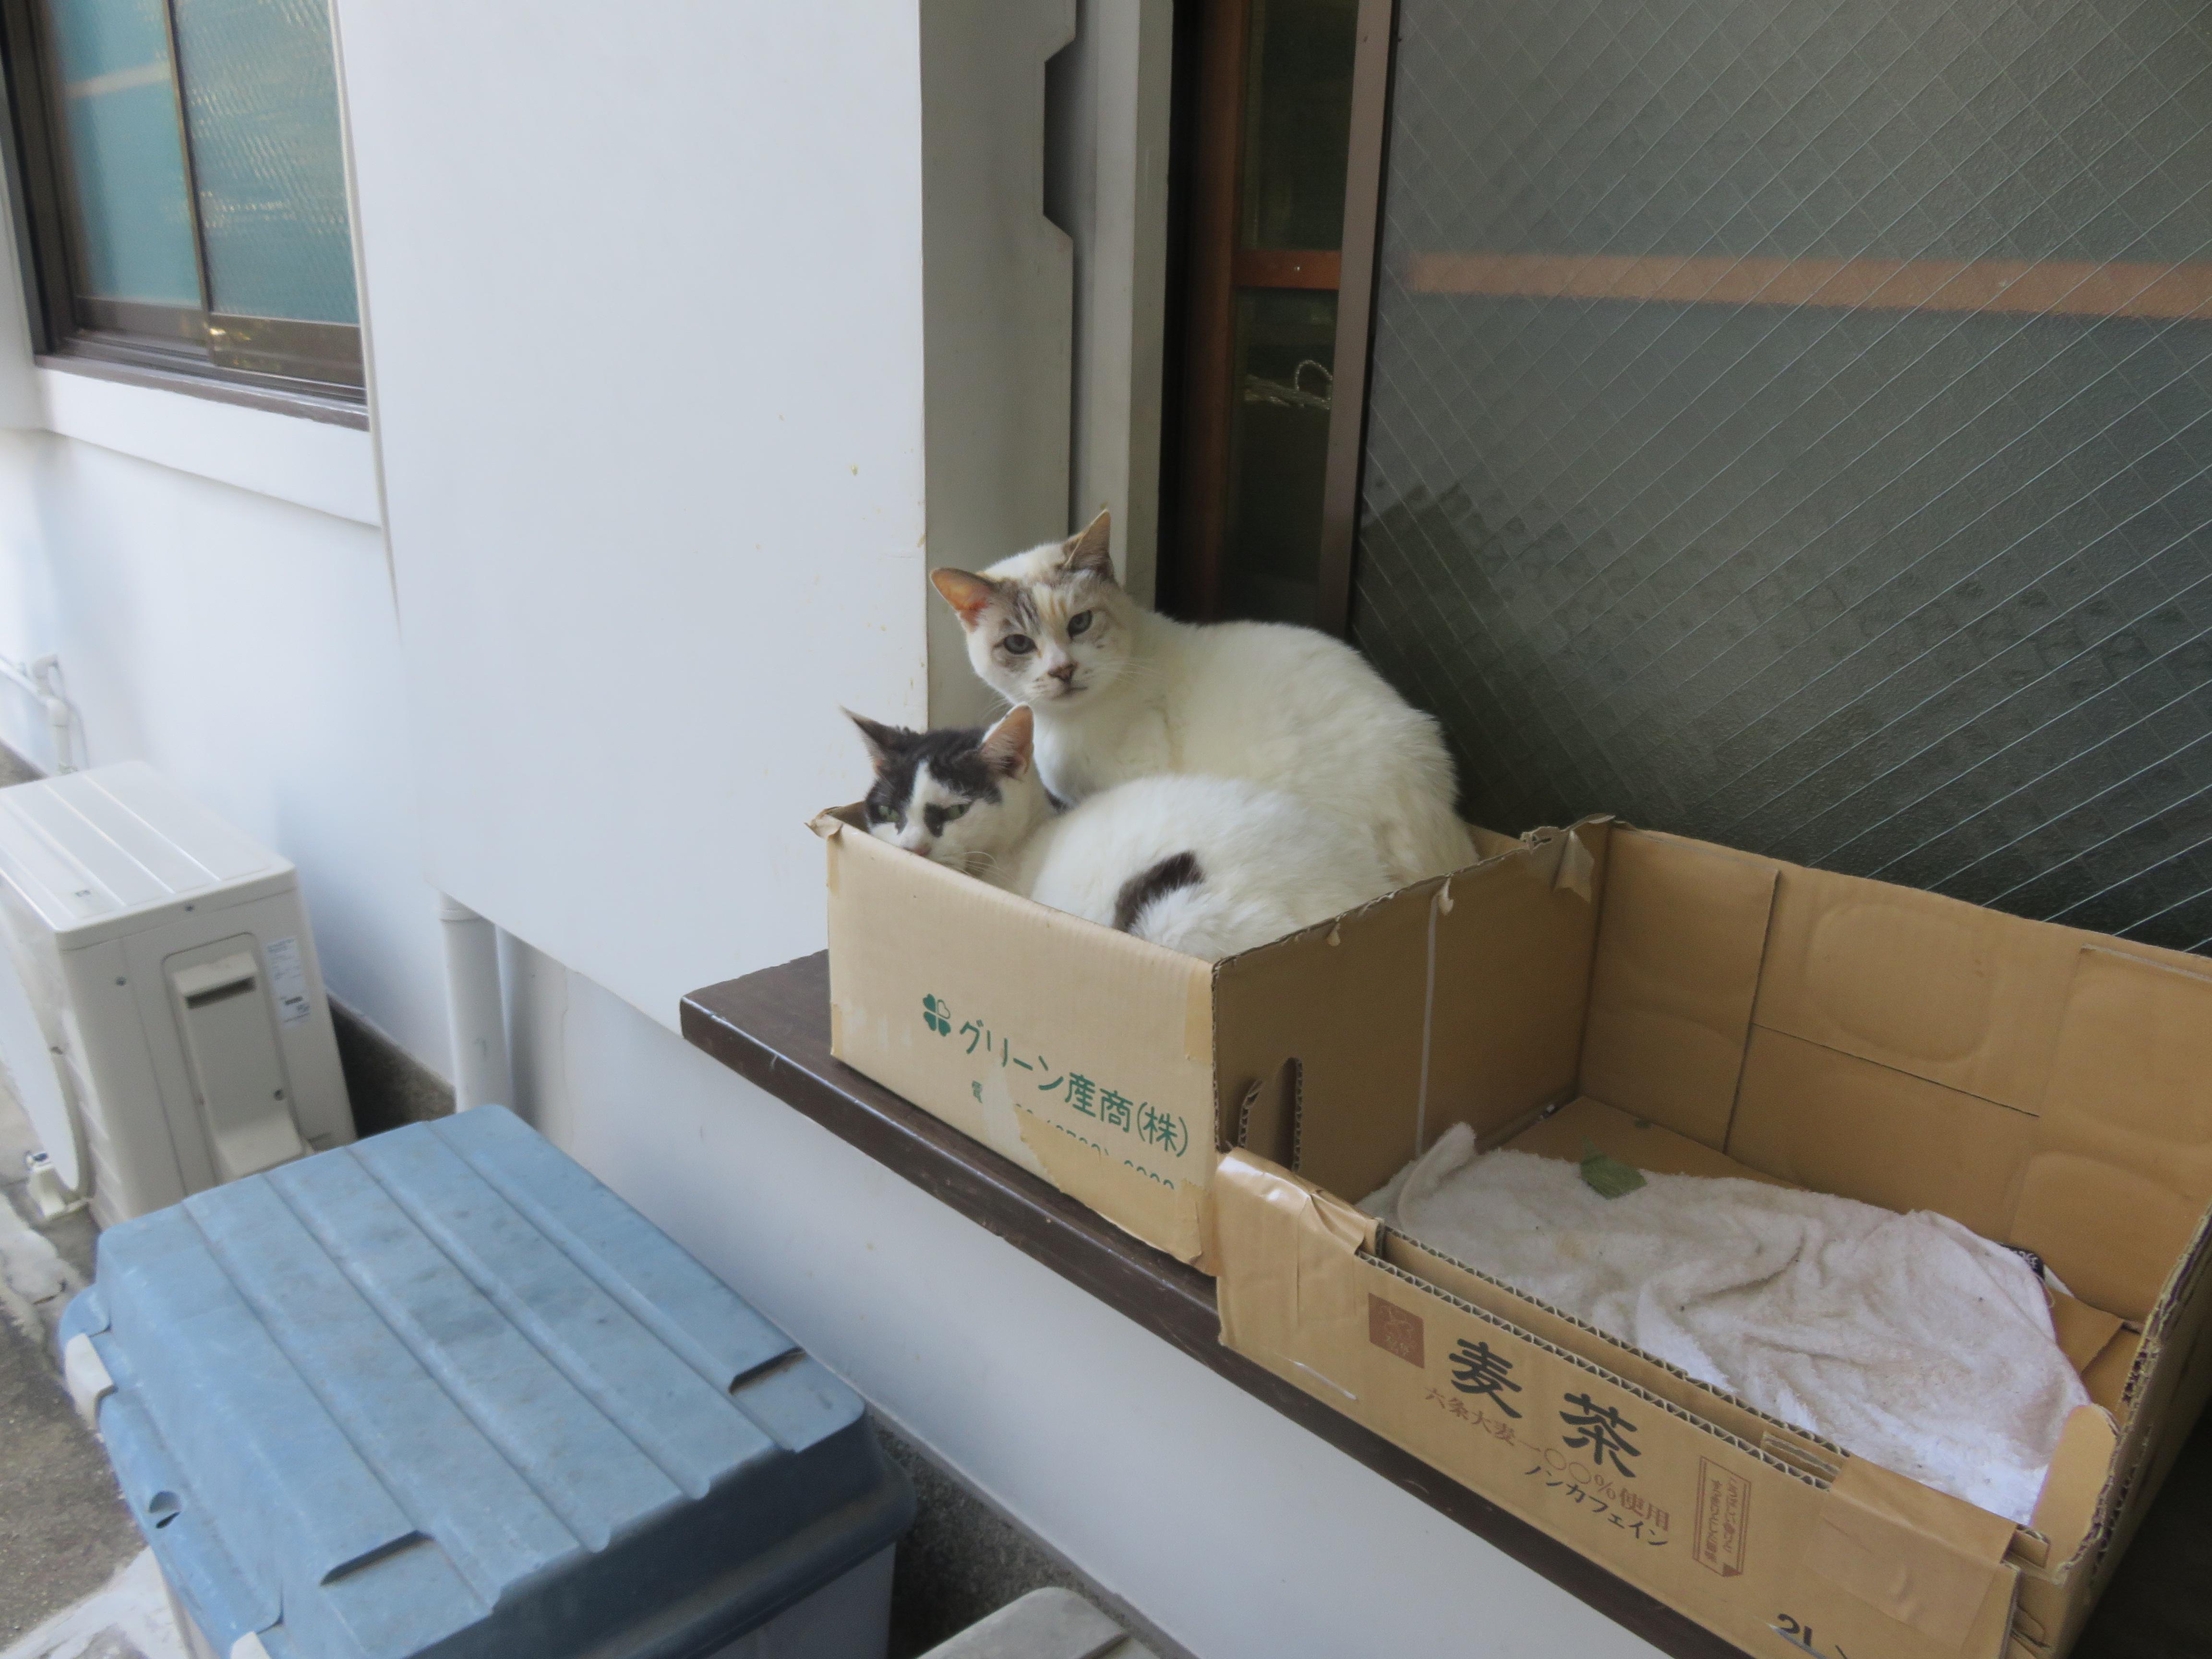 安居神社の動物